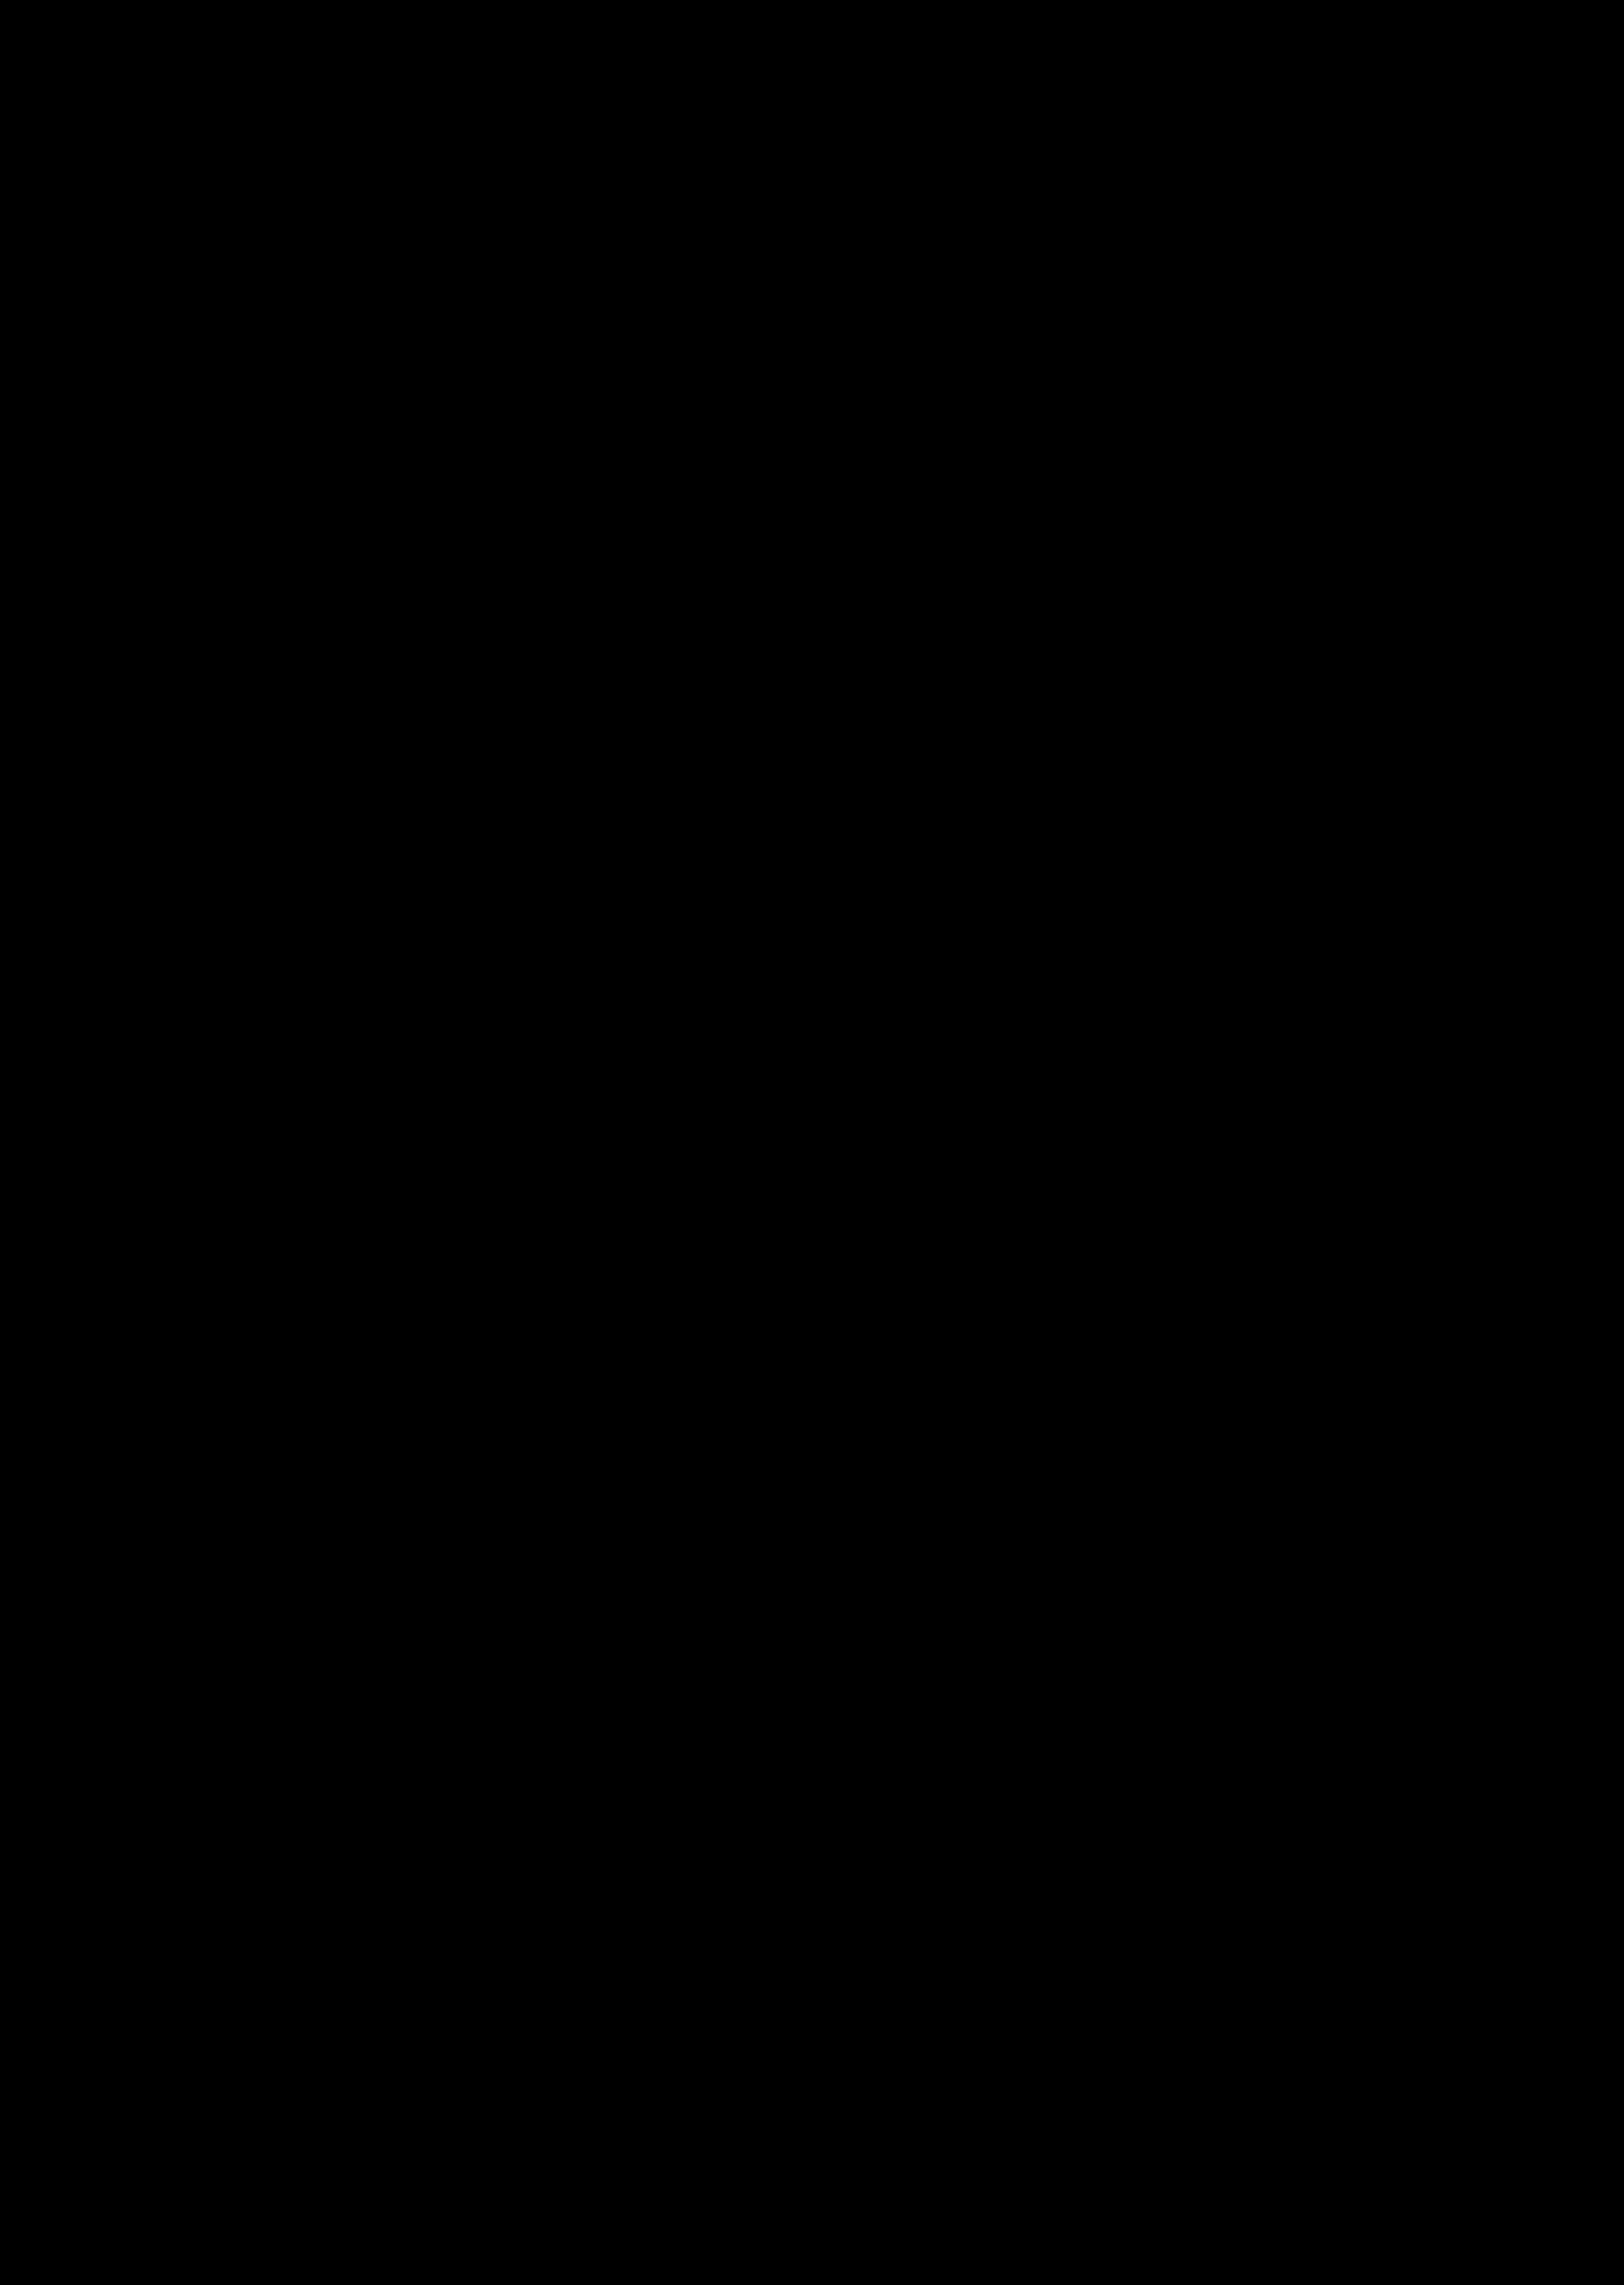 A CAVA DE' TIRRENI L'OTTAVA EDIZIONE DI AVALON IN ARTE2019